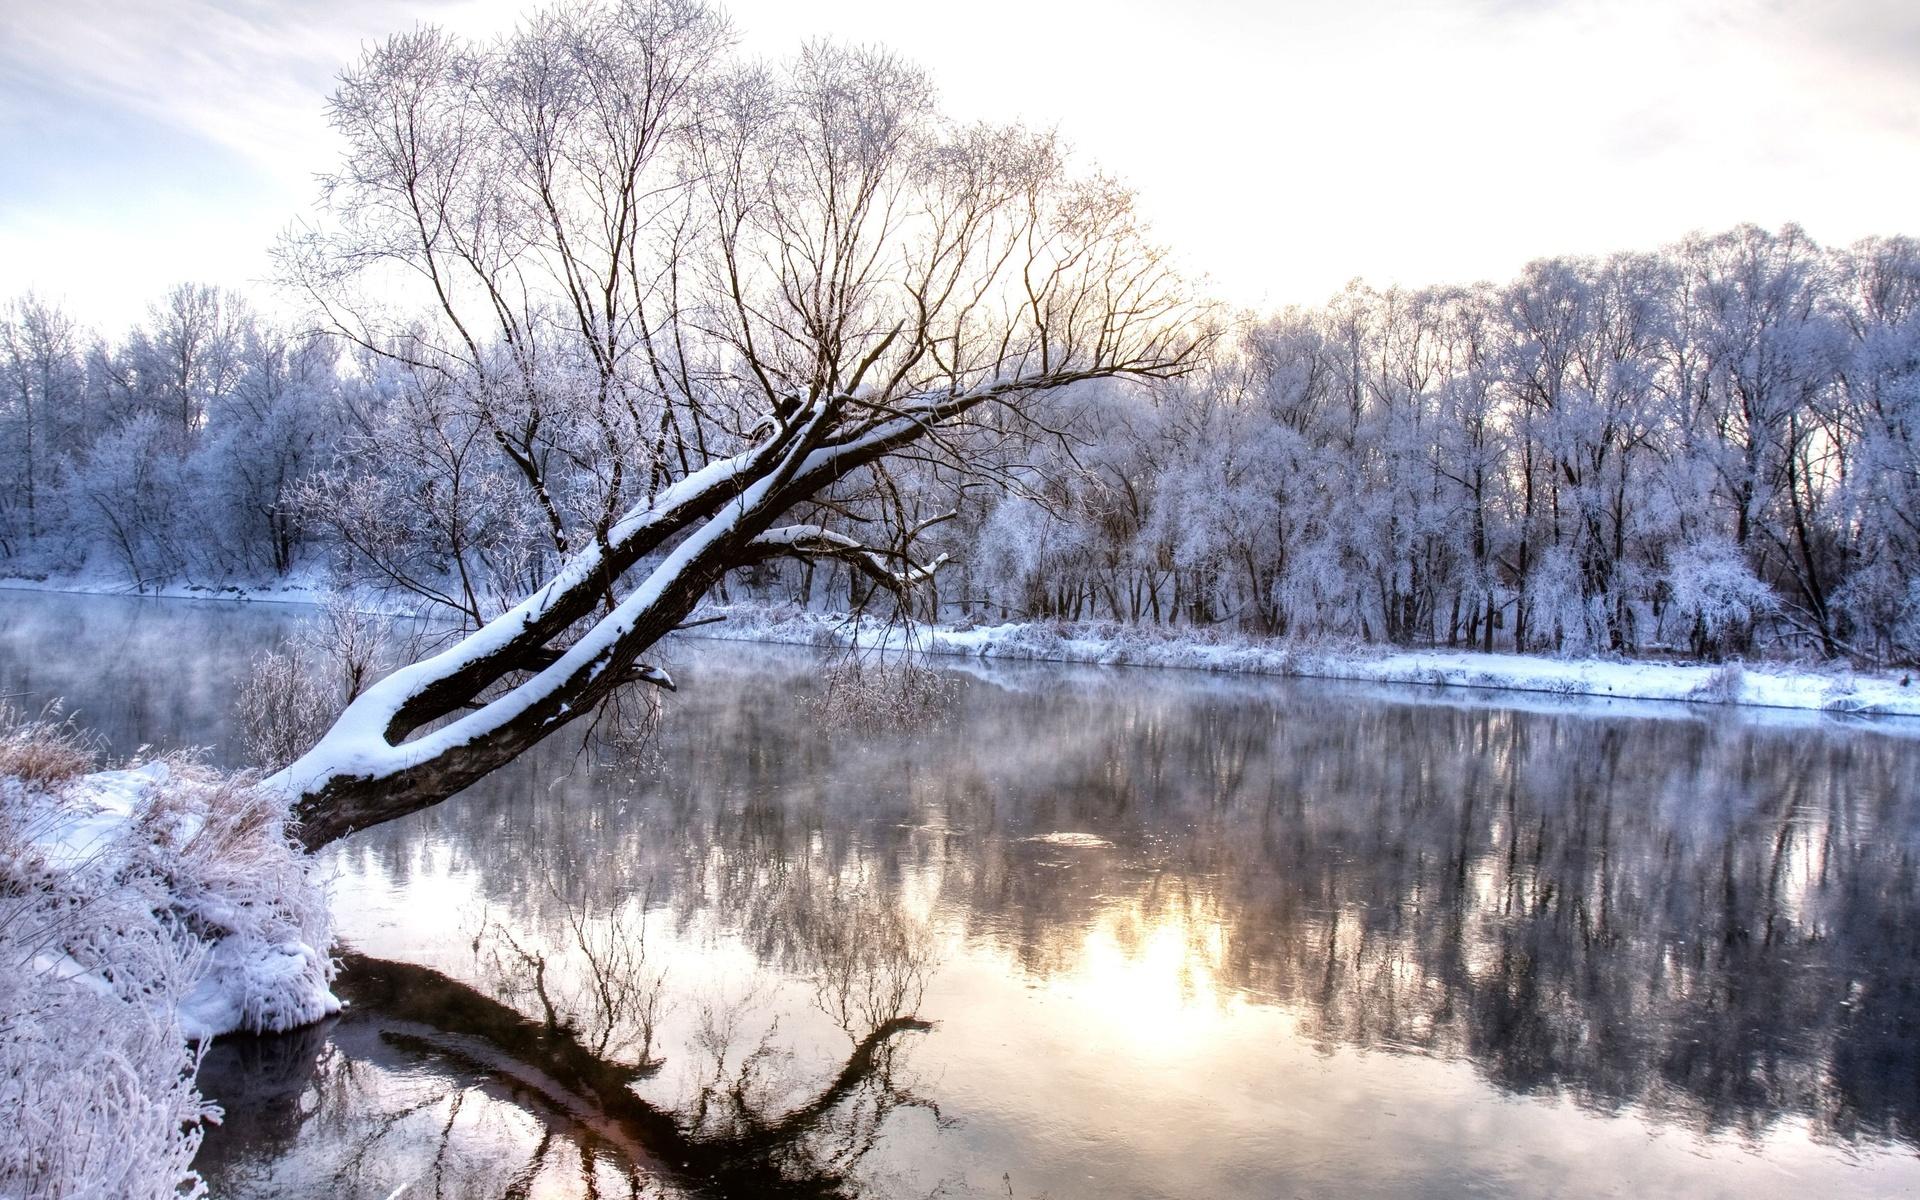 природа, пейзаж, зима, снег, река, деревья, отражение